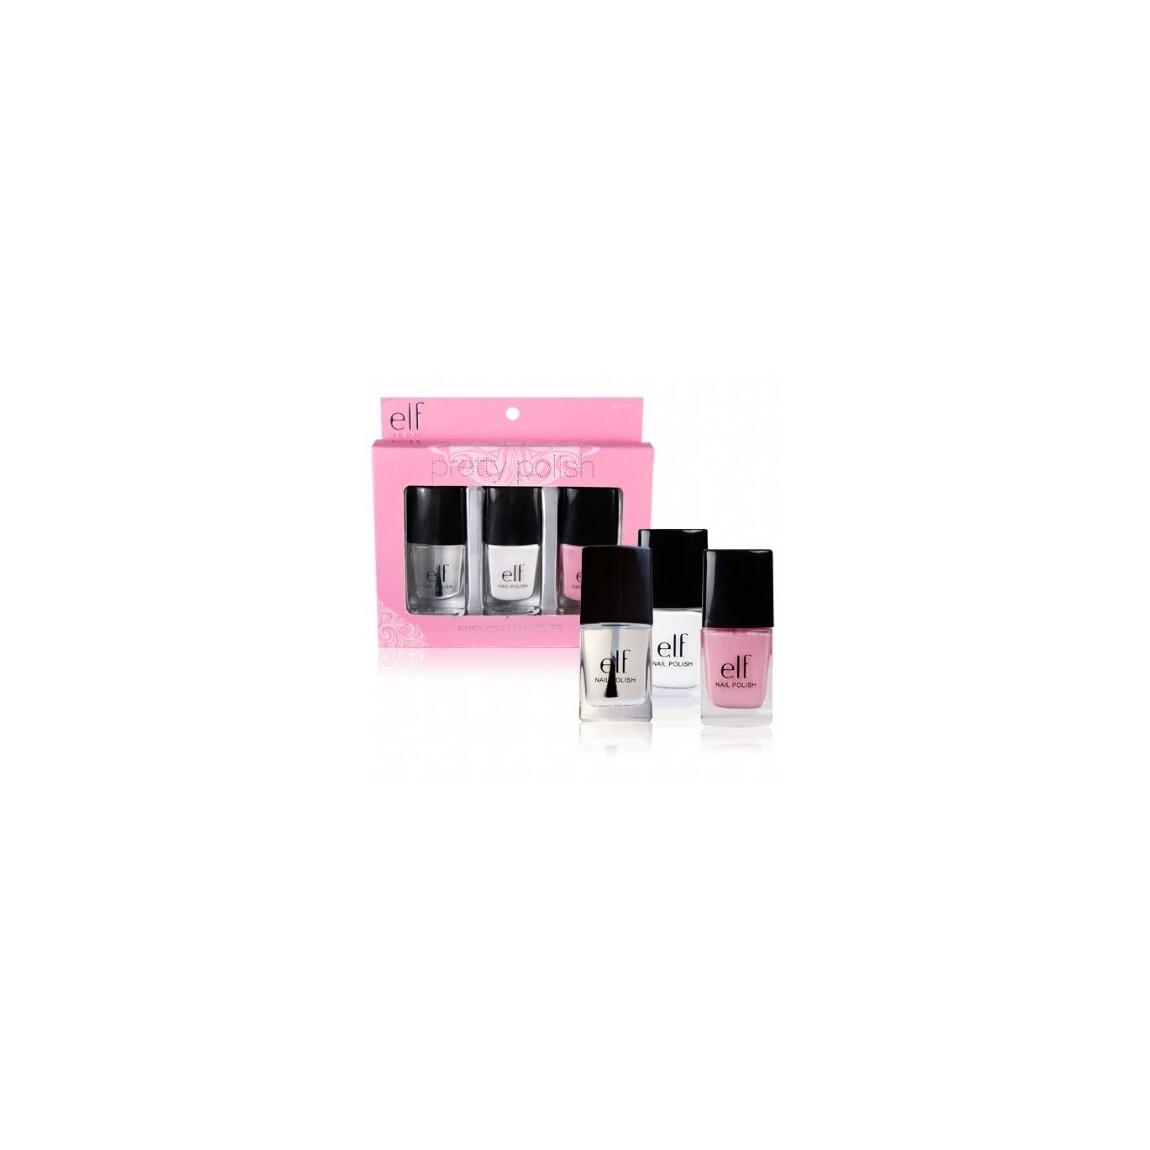 e.l.f. Nail Polish Sets French Manicure Set-Pink   Beautylish